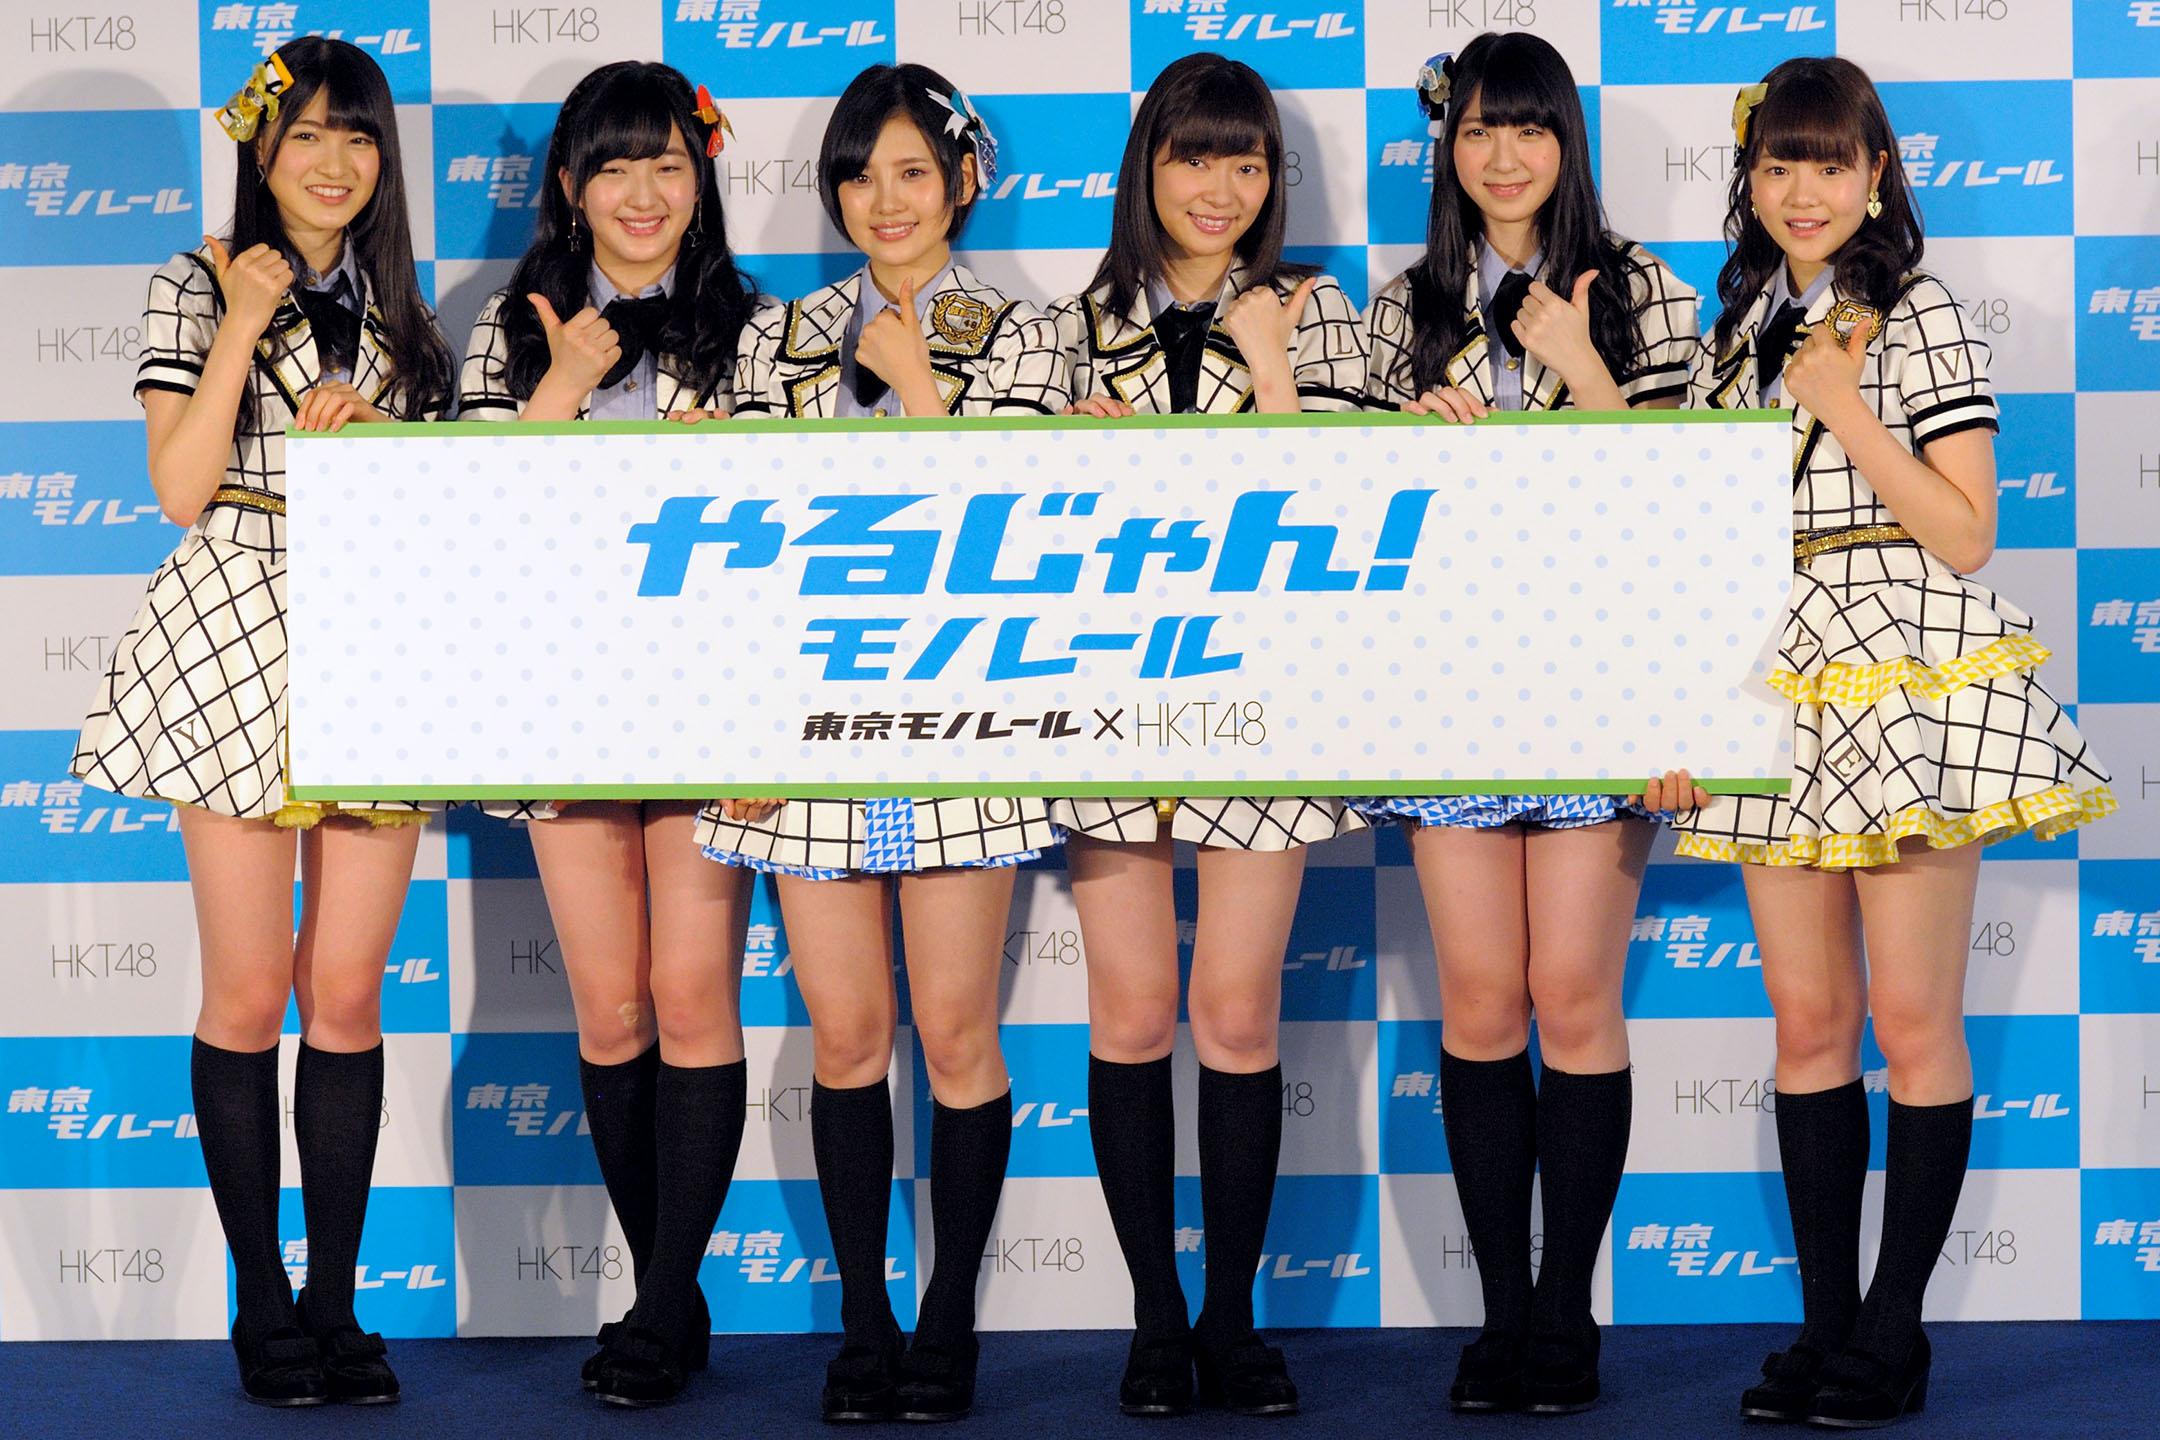 """HKT48 指原莉乃さんやHKT48メンバーが新CMの発表会で東京モノレールの""""やるじゃん""""をアピール"""